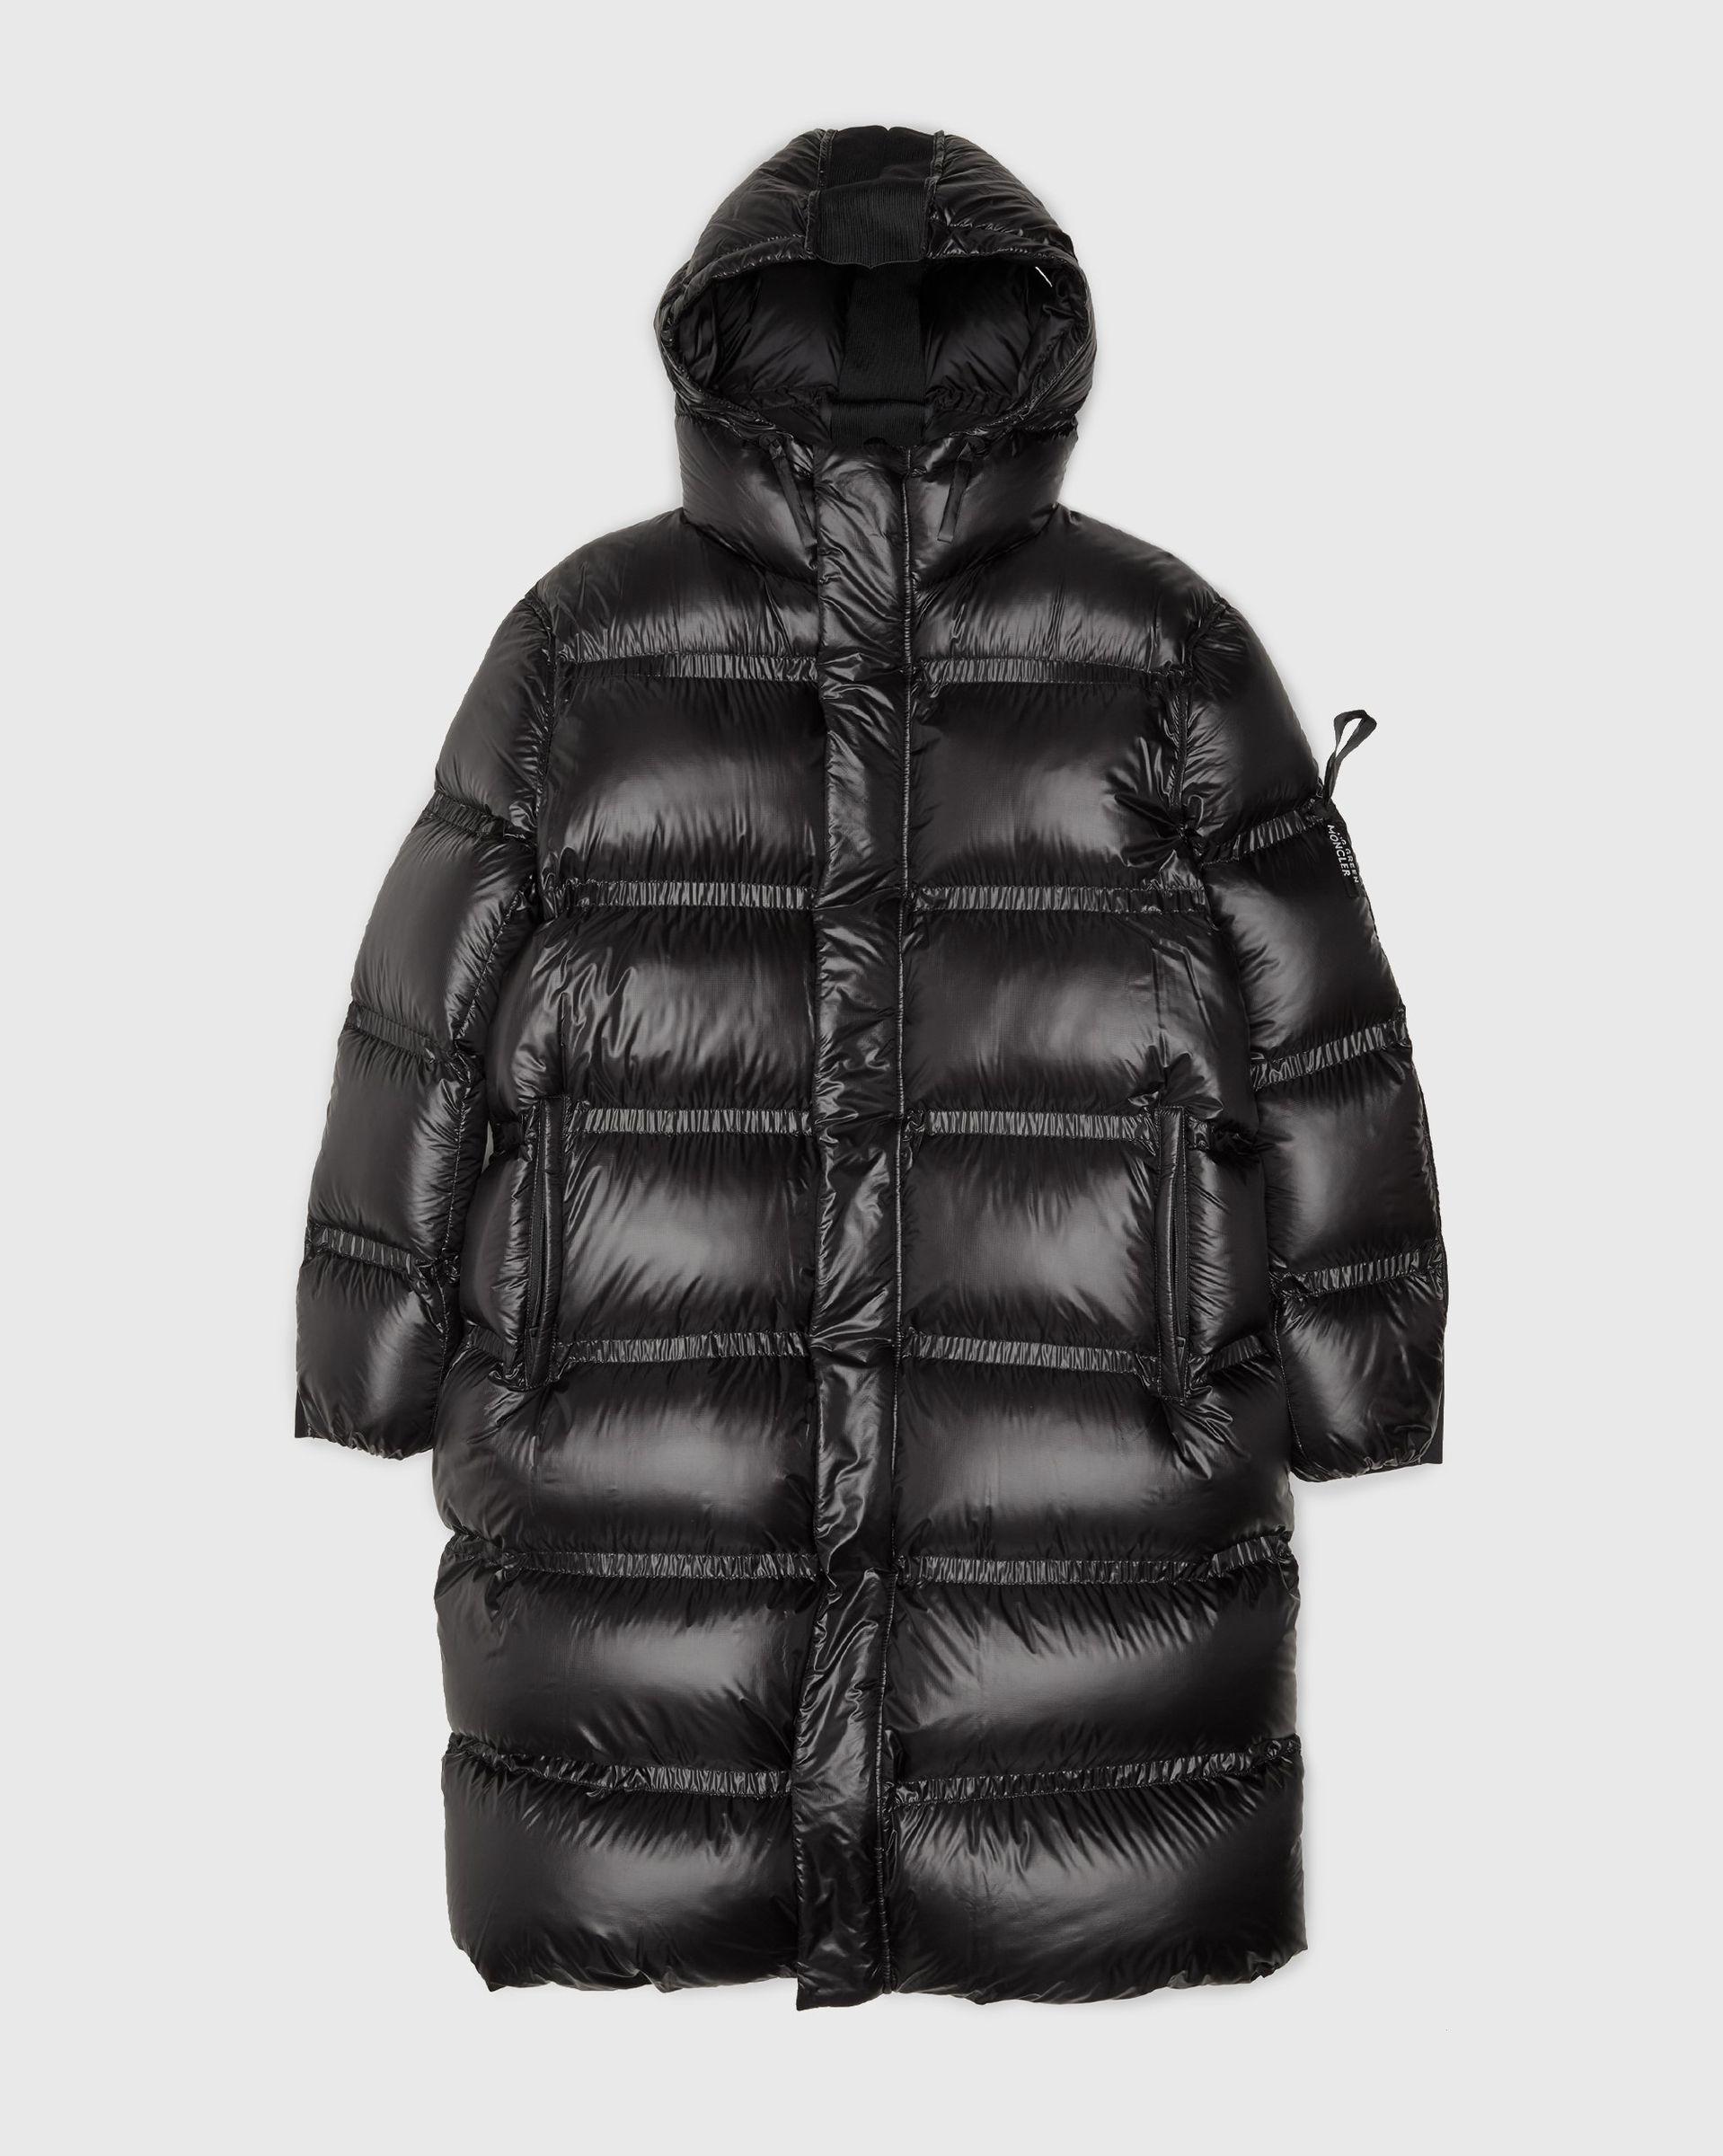 5 Moncler Craig Green - Sullivor Long Coat Black - Image 1